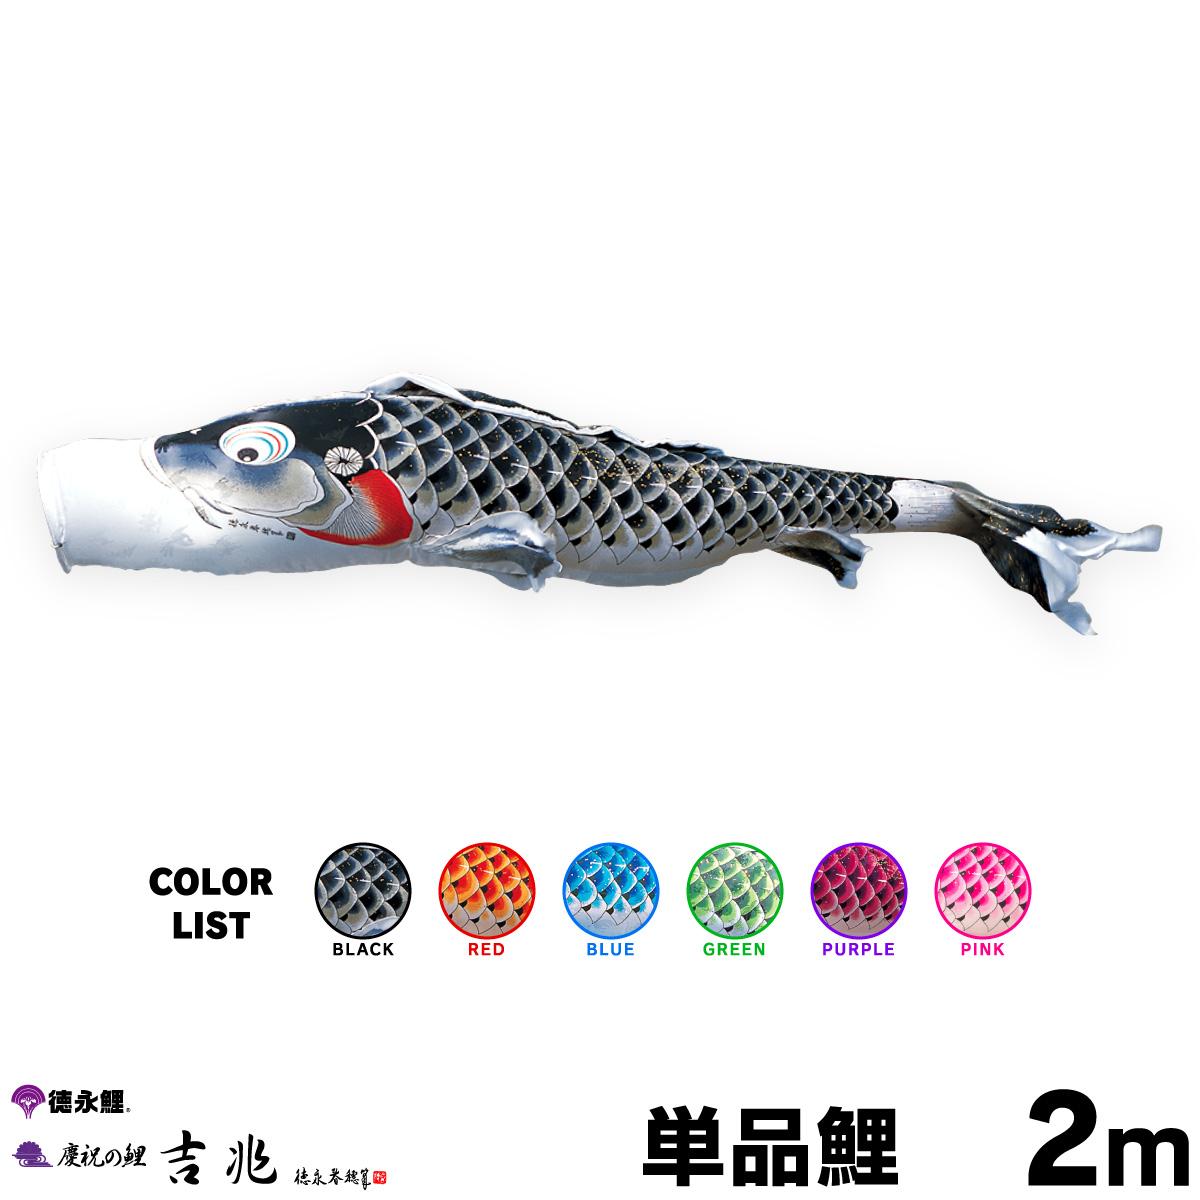 【こいのぼり 単品】 吉兆鯉 2m 単品鯉 黒 赤 青 緑 紫 ピンク